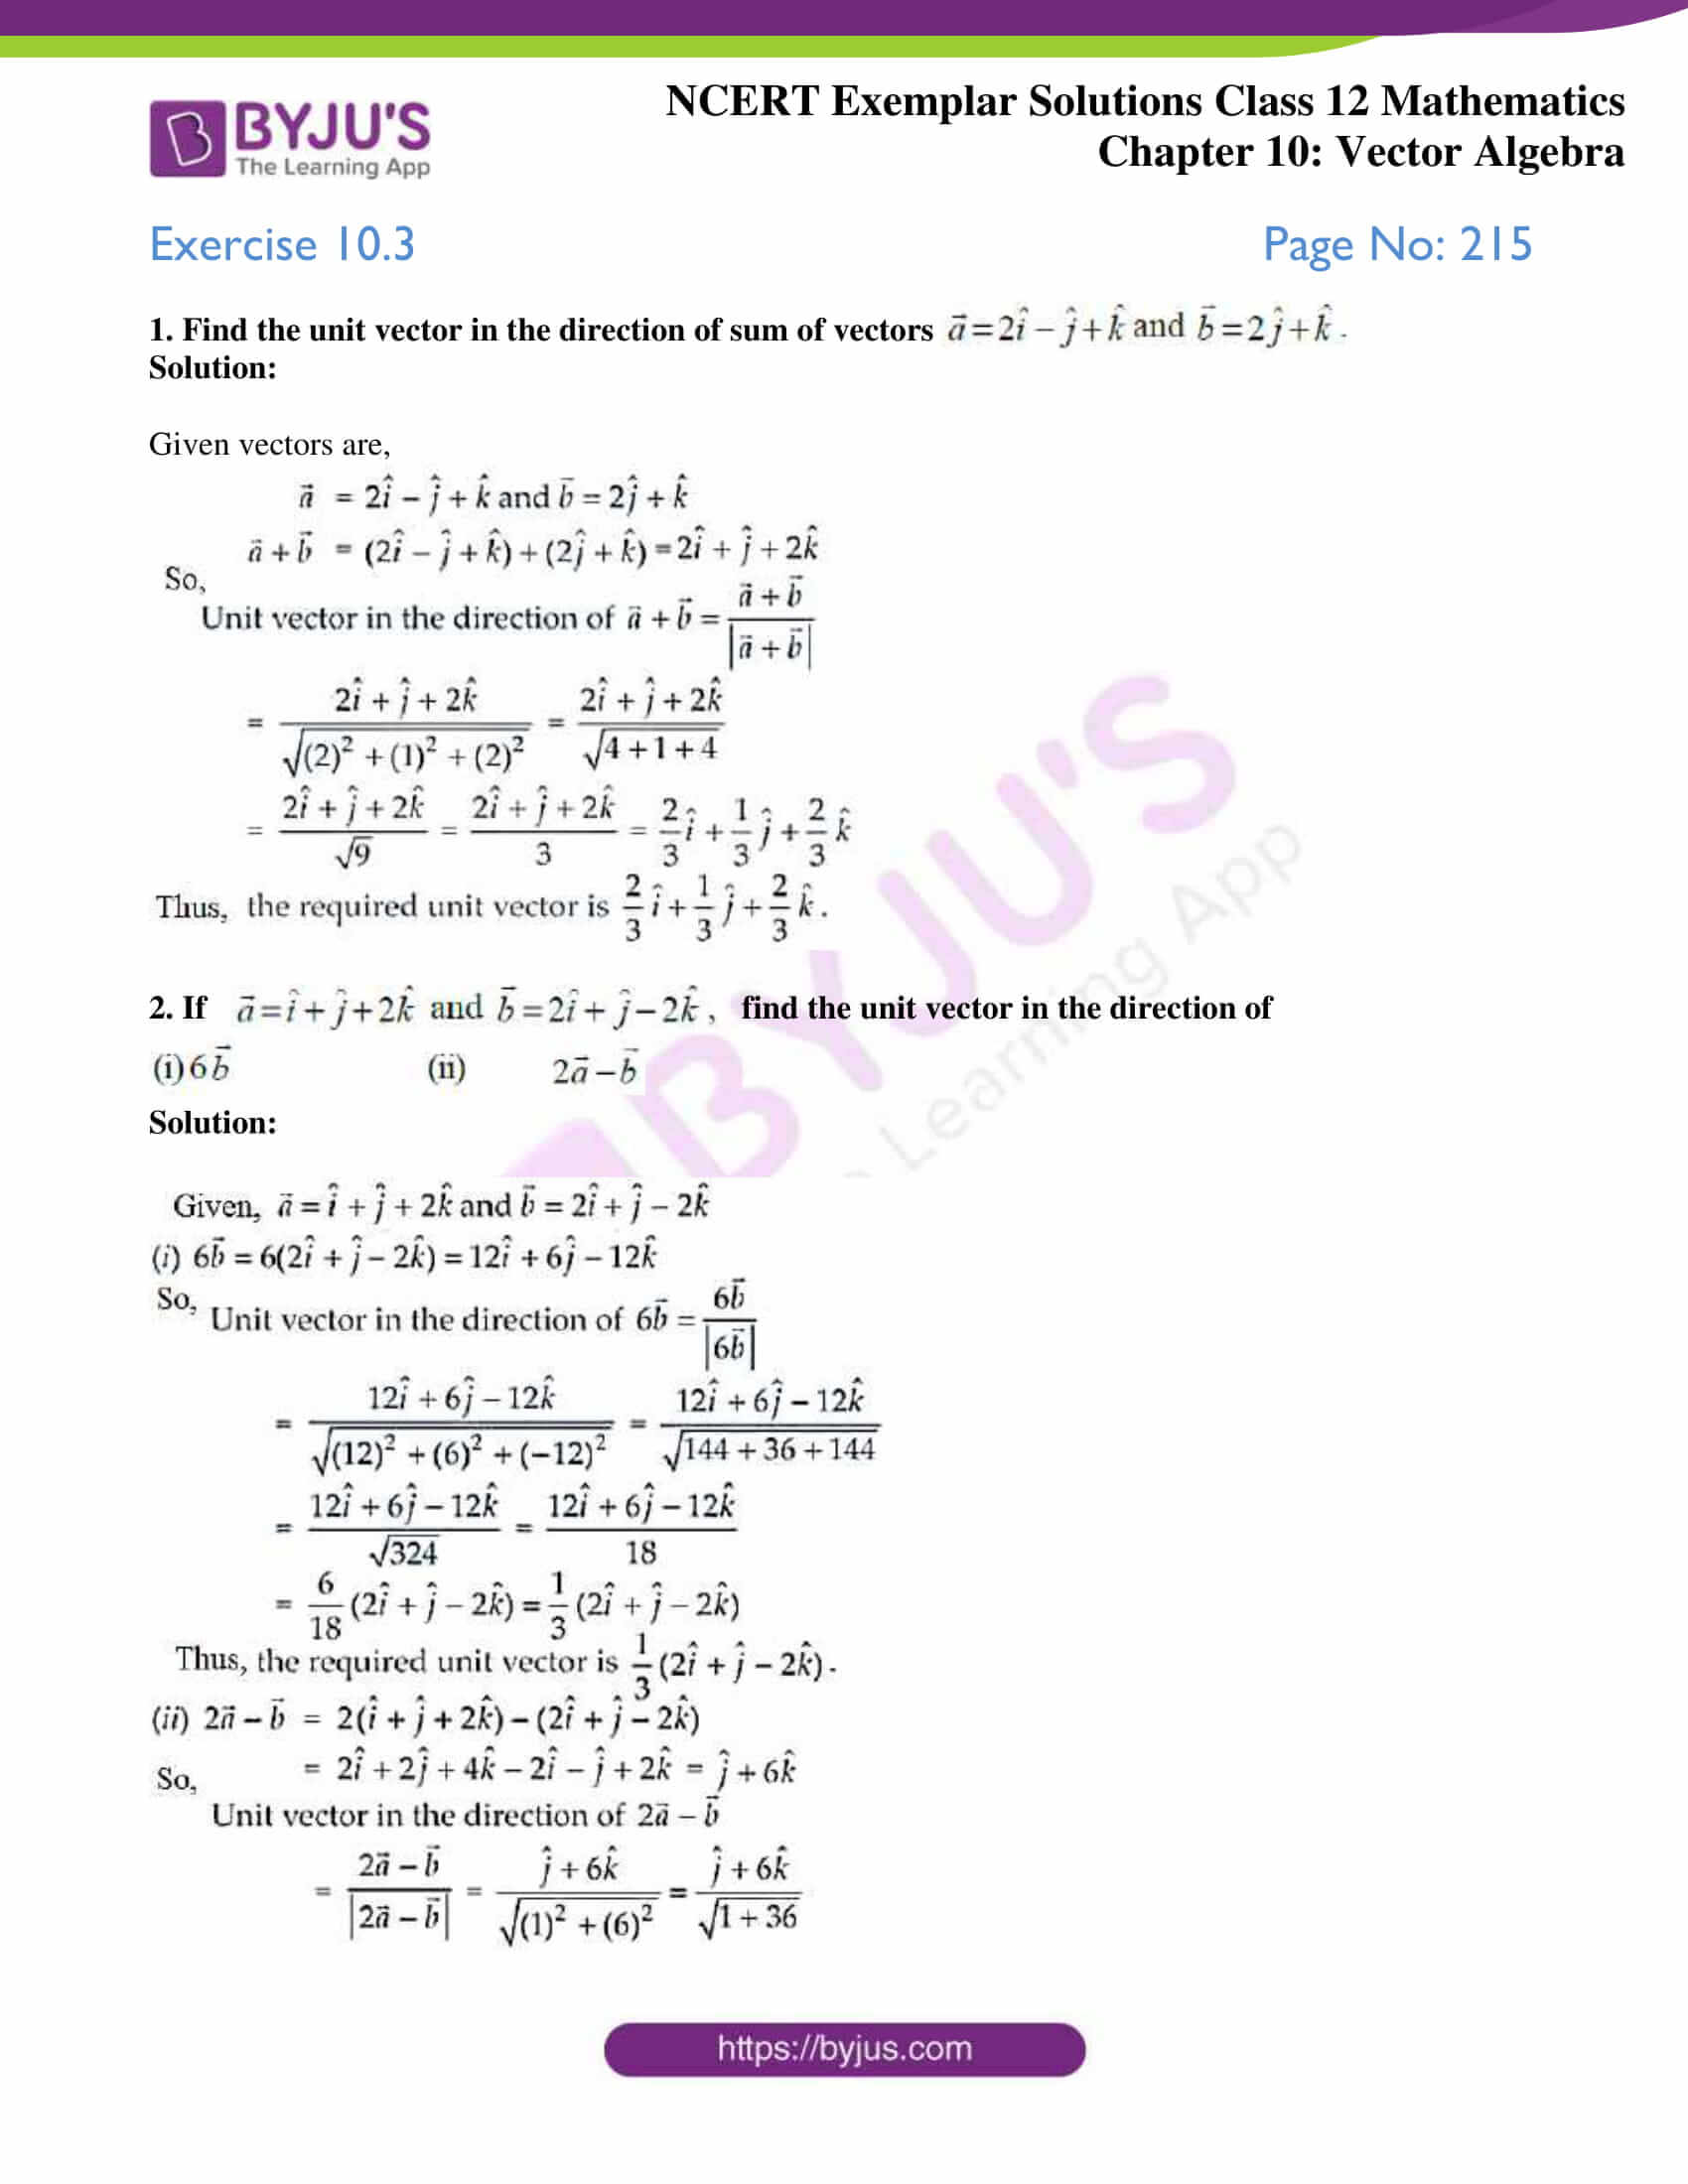 ncert exemplar sol class 12 mathematics ch 10 01